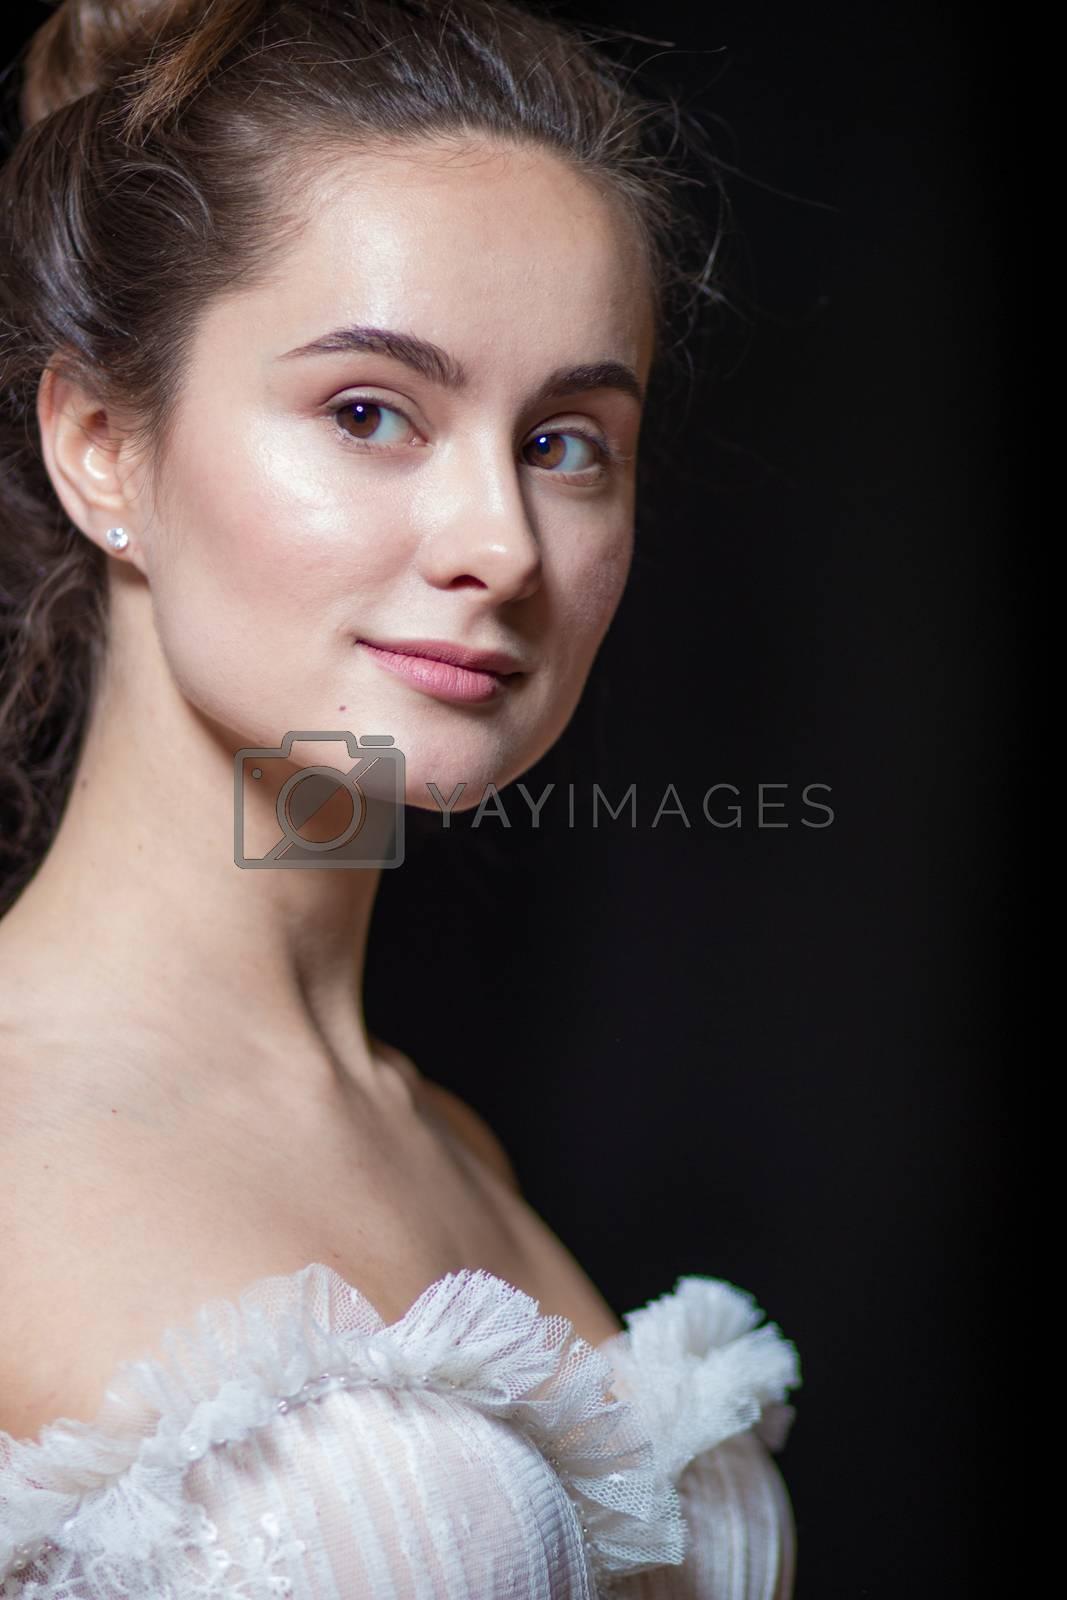 bride portrait woman wedding style wedding dress angel art fashion